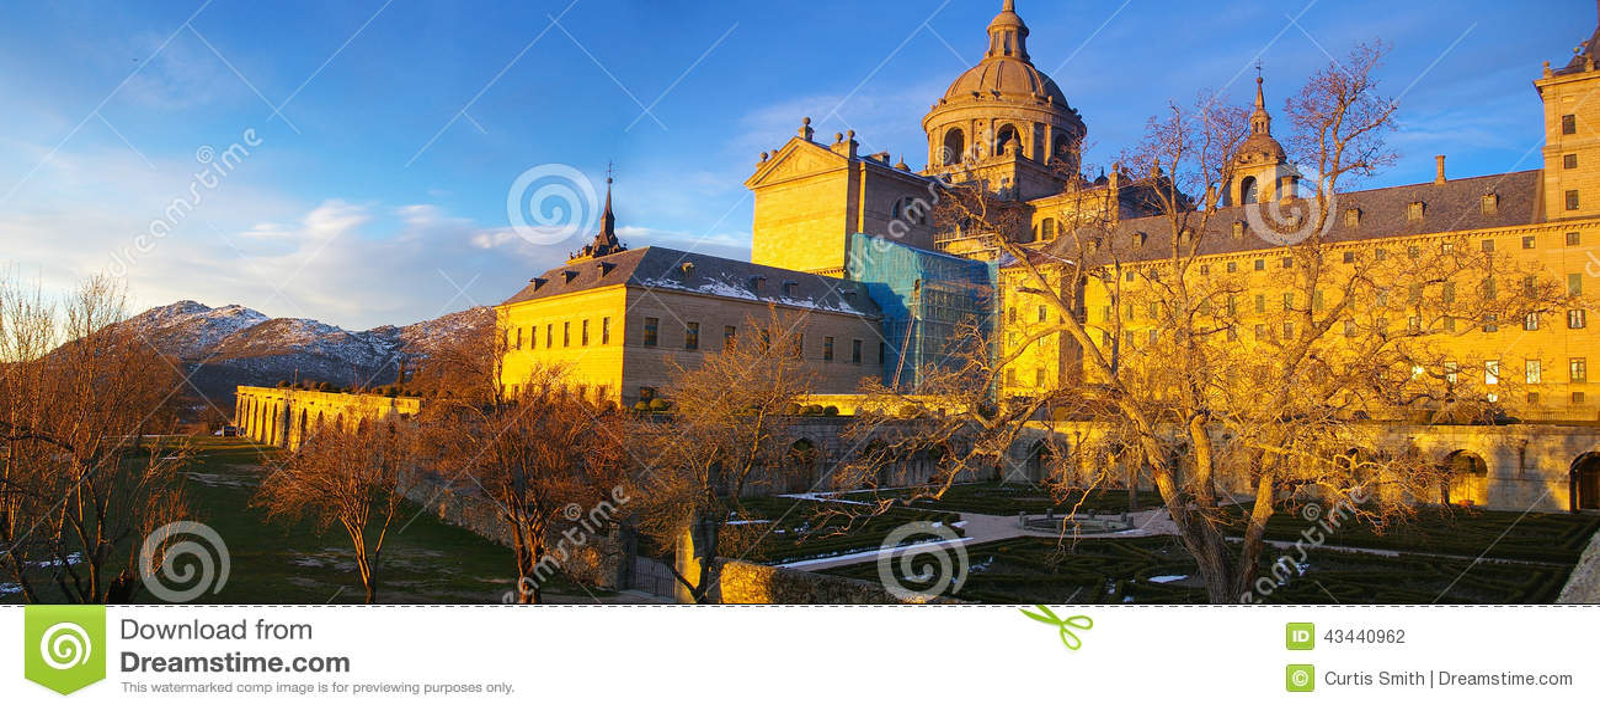 Монастырь на San Lorenzo de El Escorial в Испании